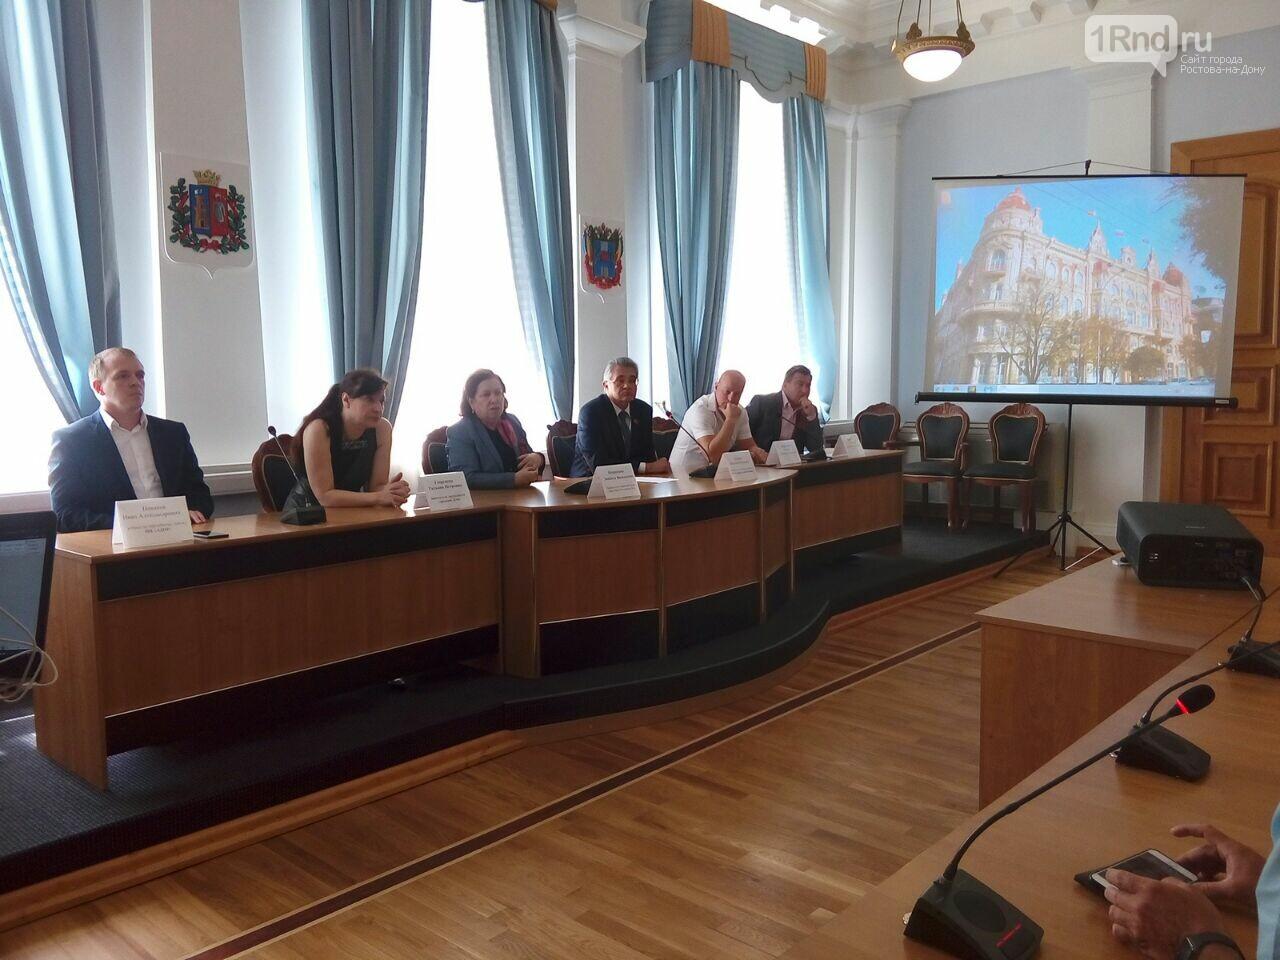 Инцидент с депутатом Игорем Амуралем рассматривает гордума Ростова, фото-2